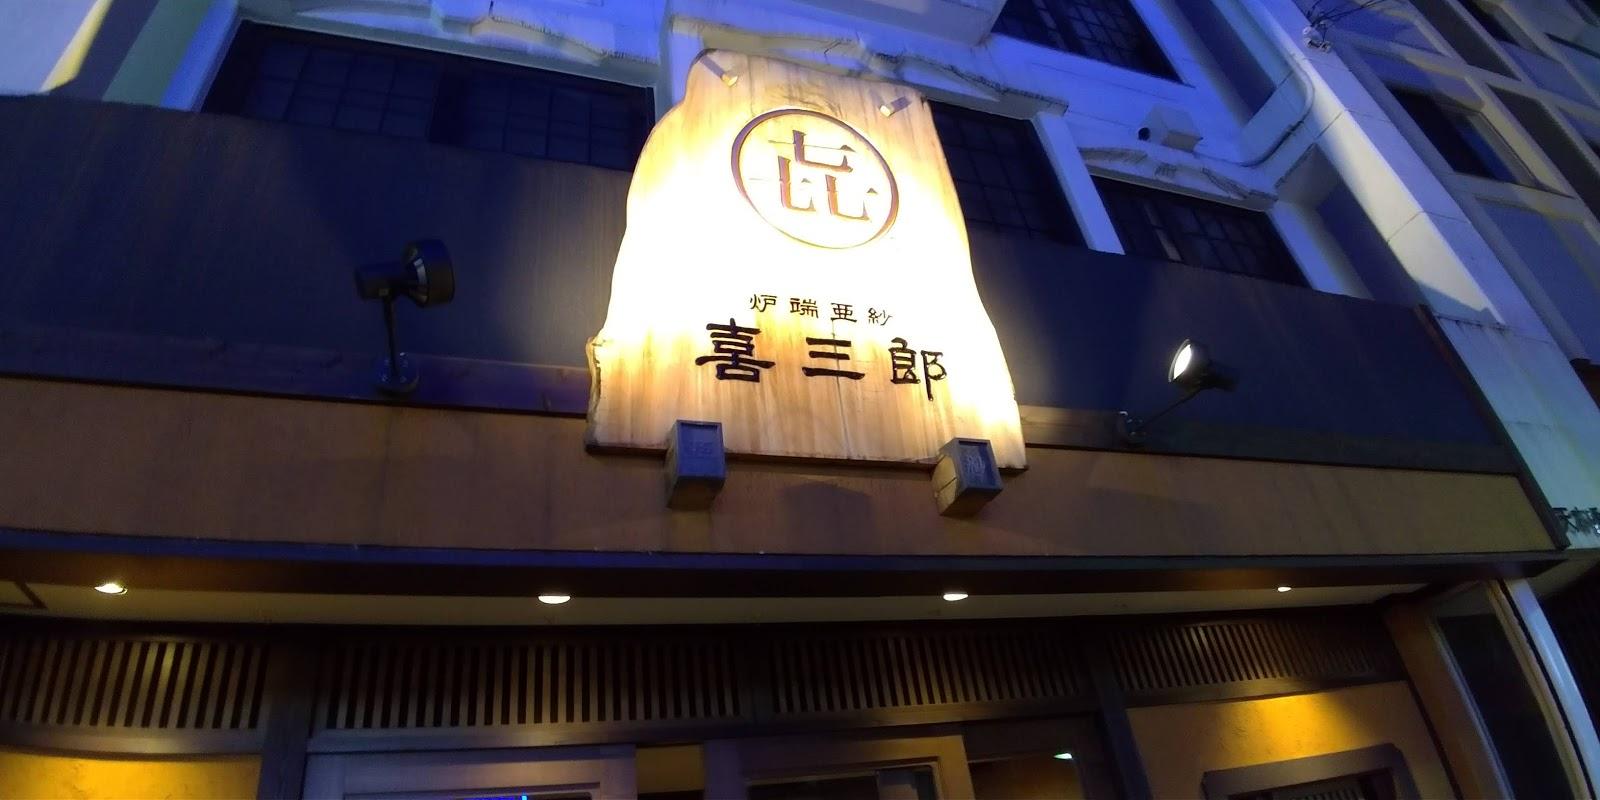 炉端亜紗 喜三郎 外観 長崎県長崎市の居酒屋